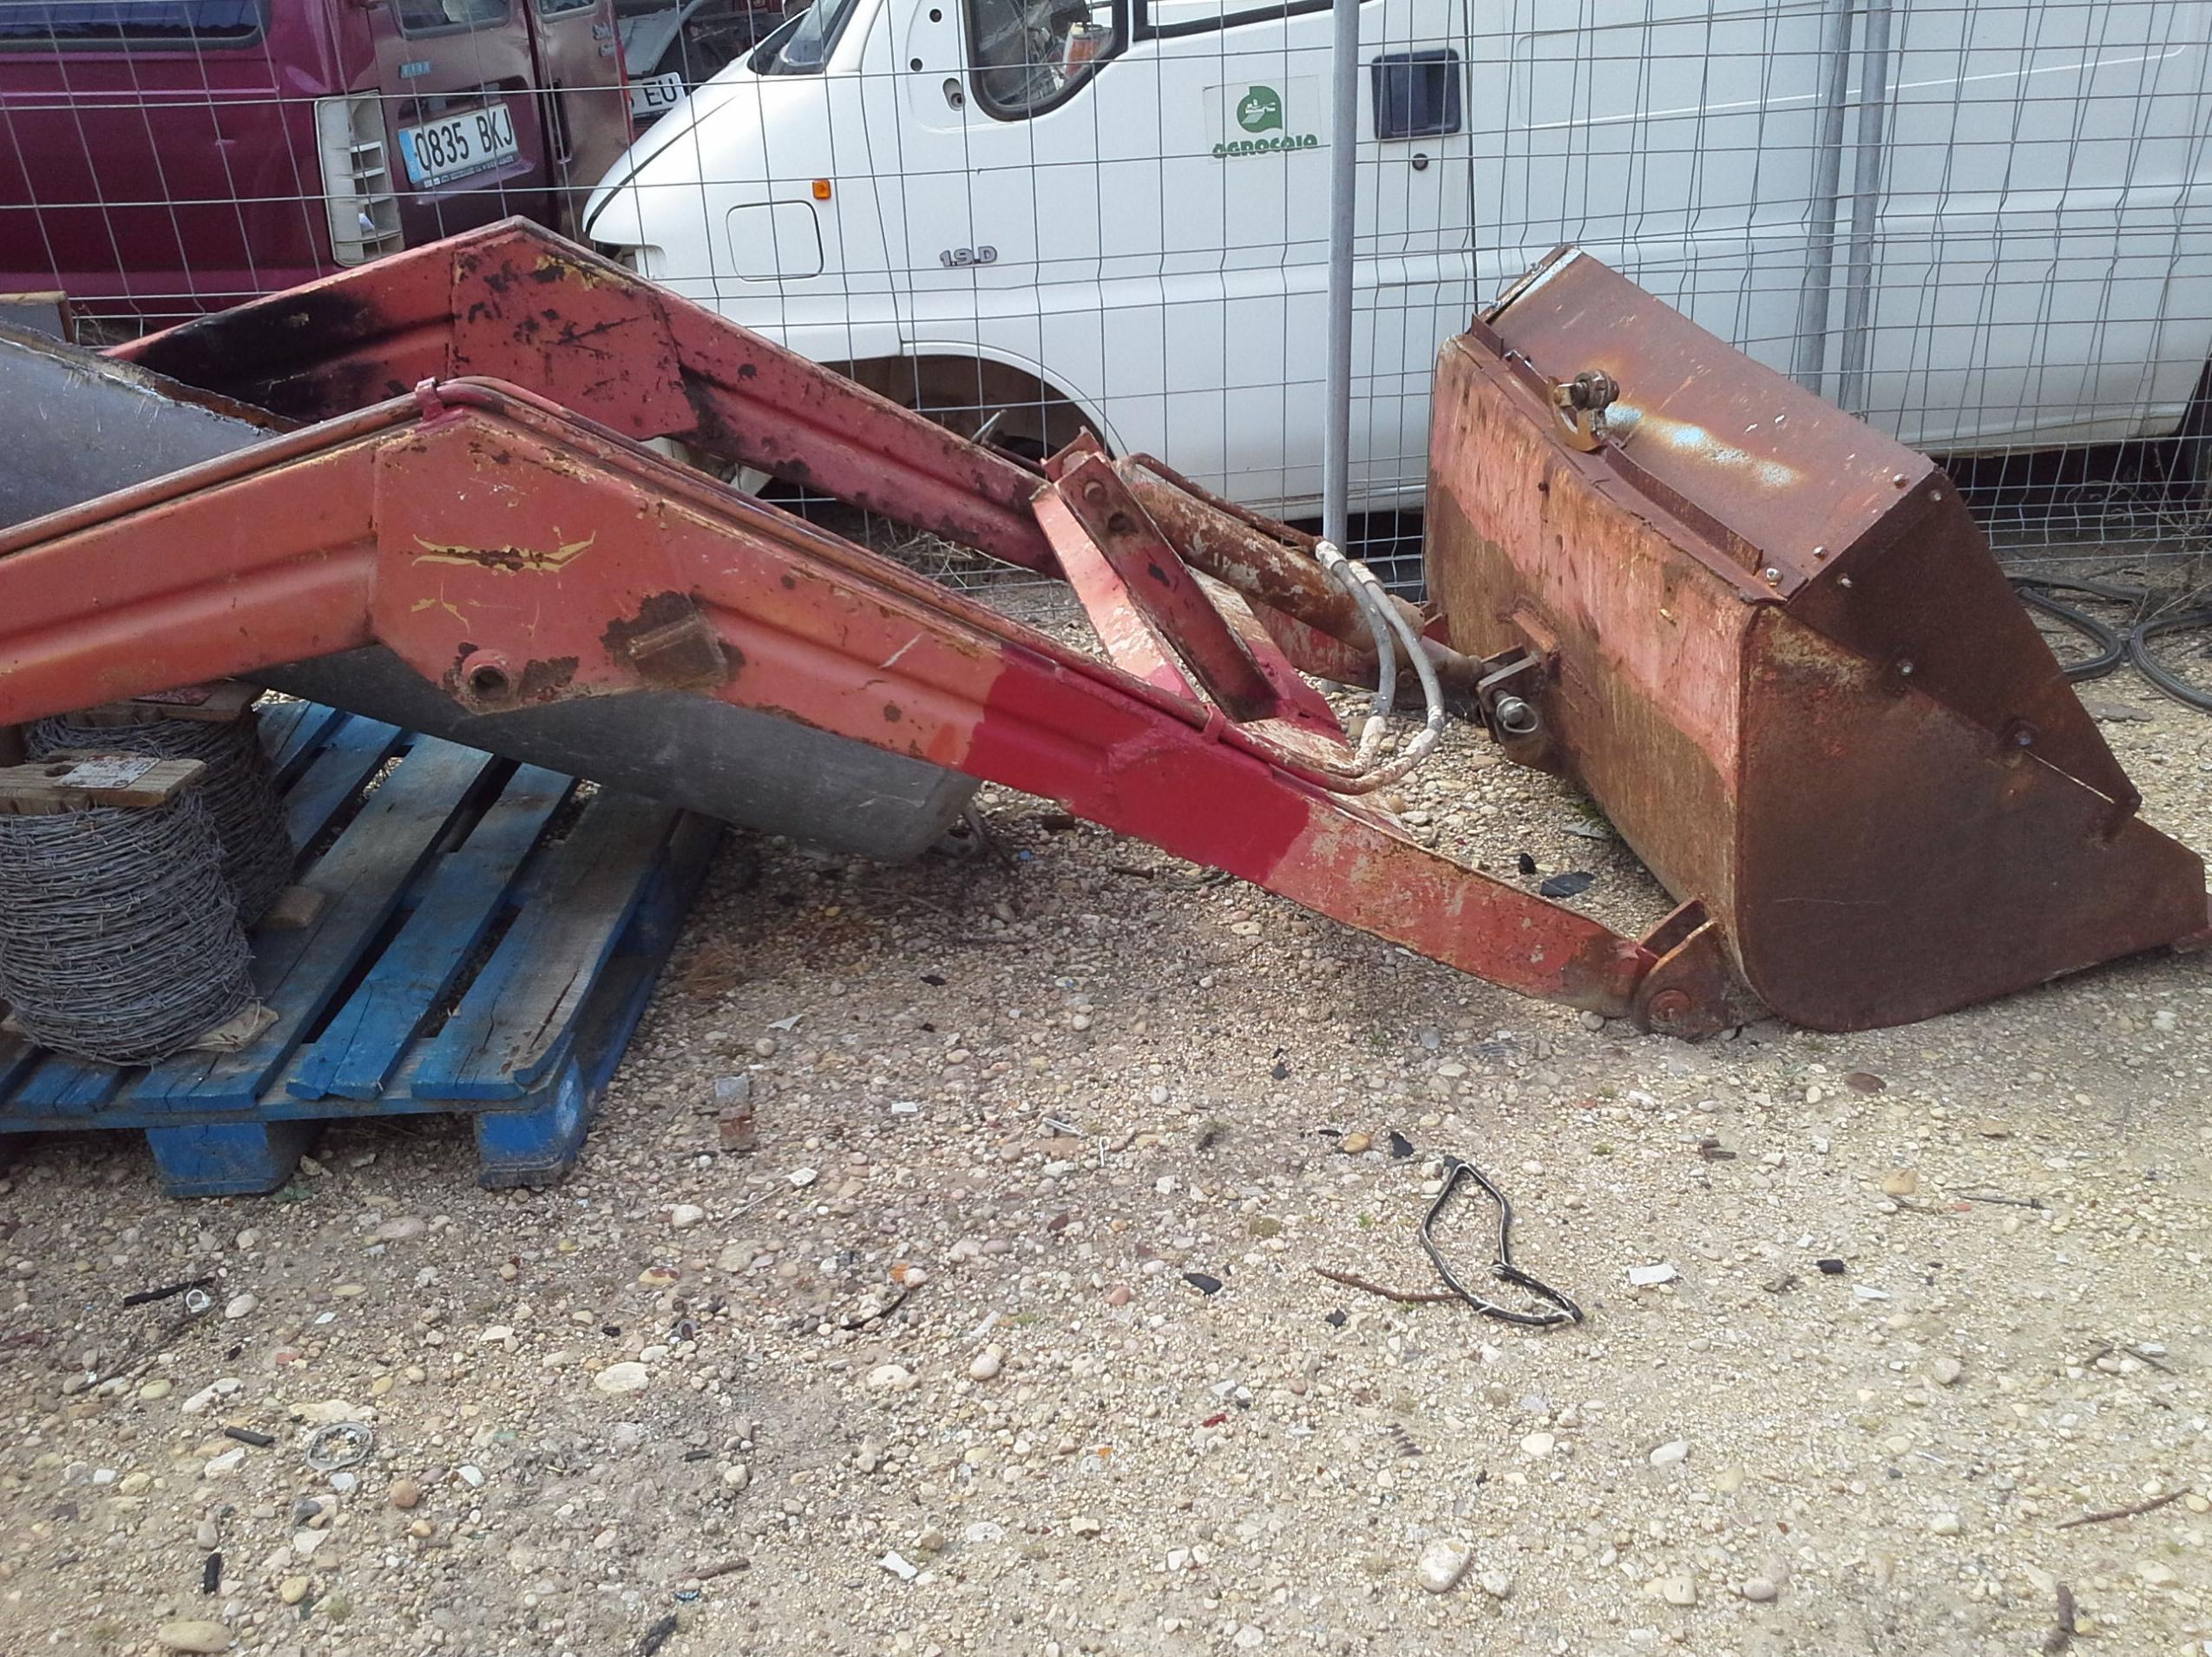 Pala de tractor en Chatarras Clemente de Albacete